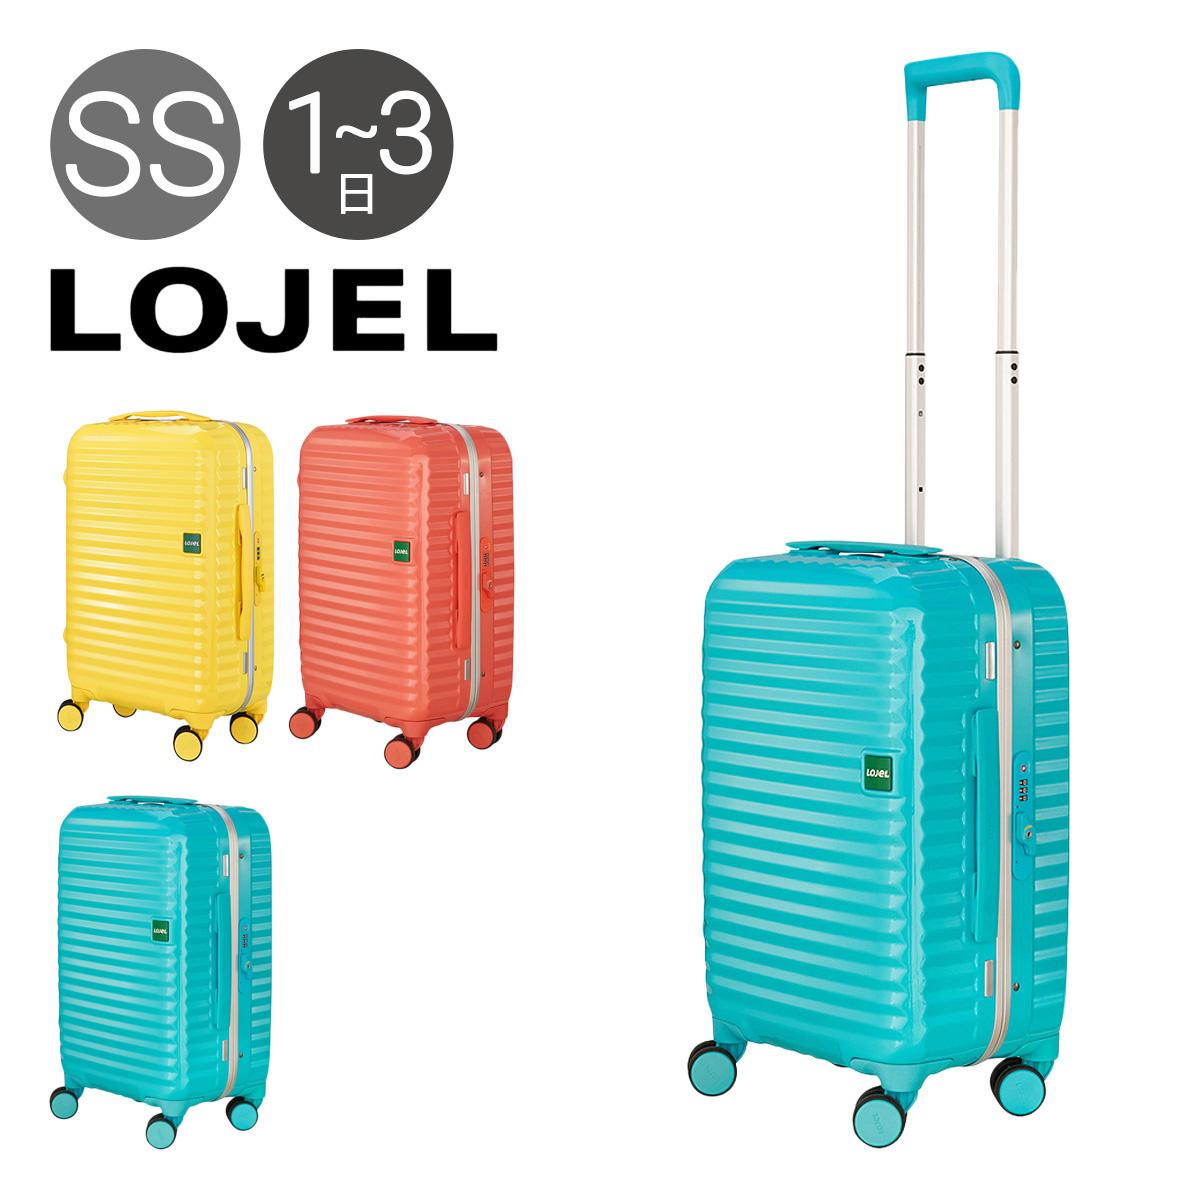 ロジェール スーツケース キャリーケース キャリーバッグ フレームタイプ 48cm 双輪キャスター TSAロック搭載 Groove 2 Sサイズ LOJEL [PO5][bef][即日発送]